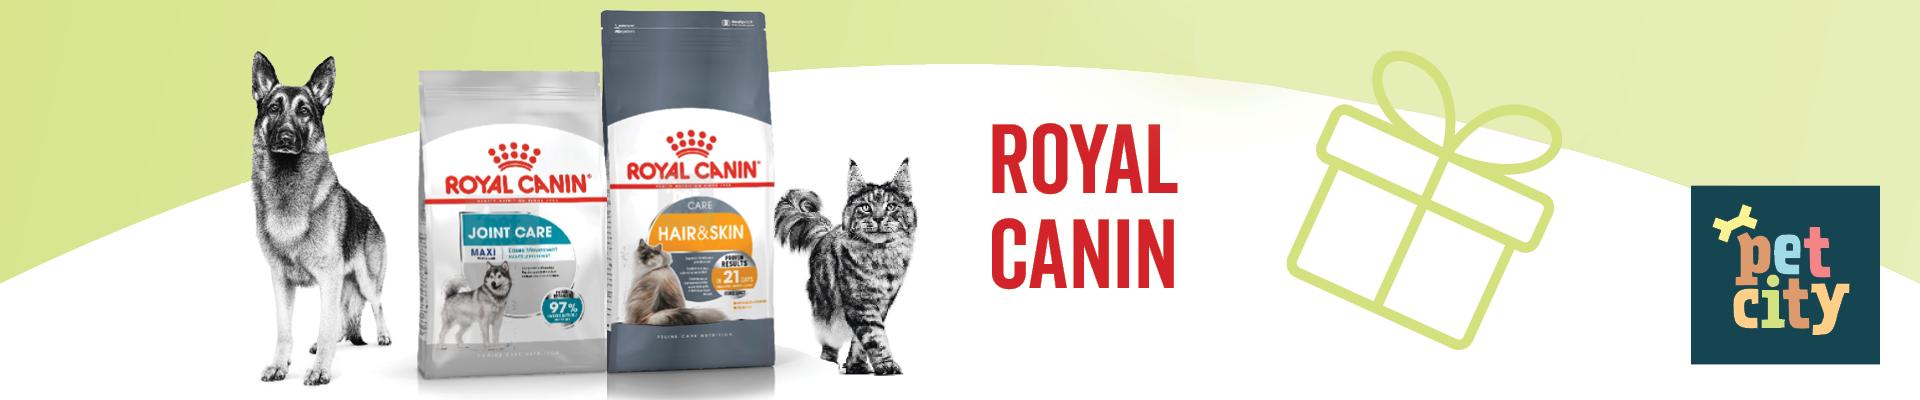 Royal Canin kingikampaania